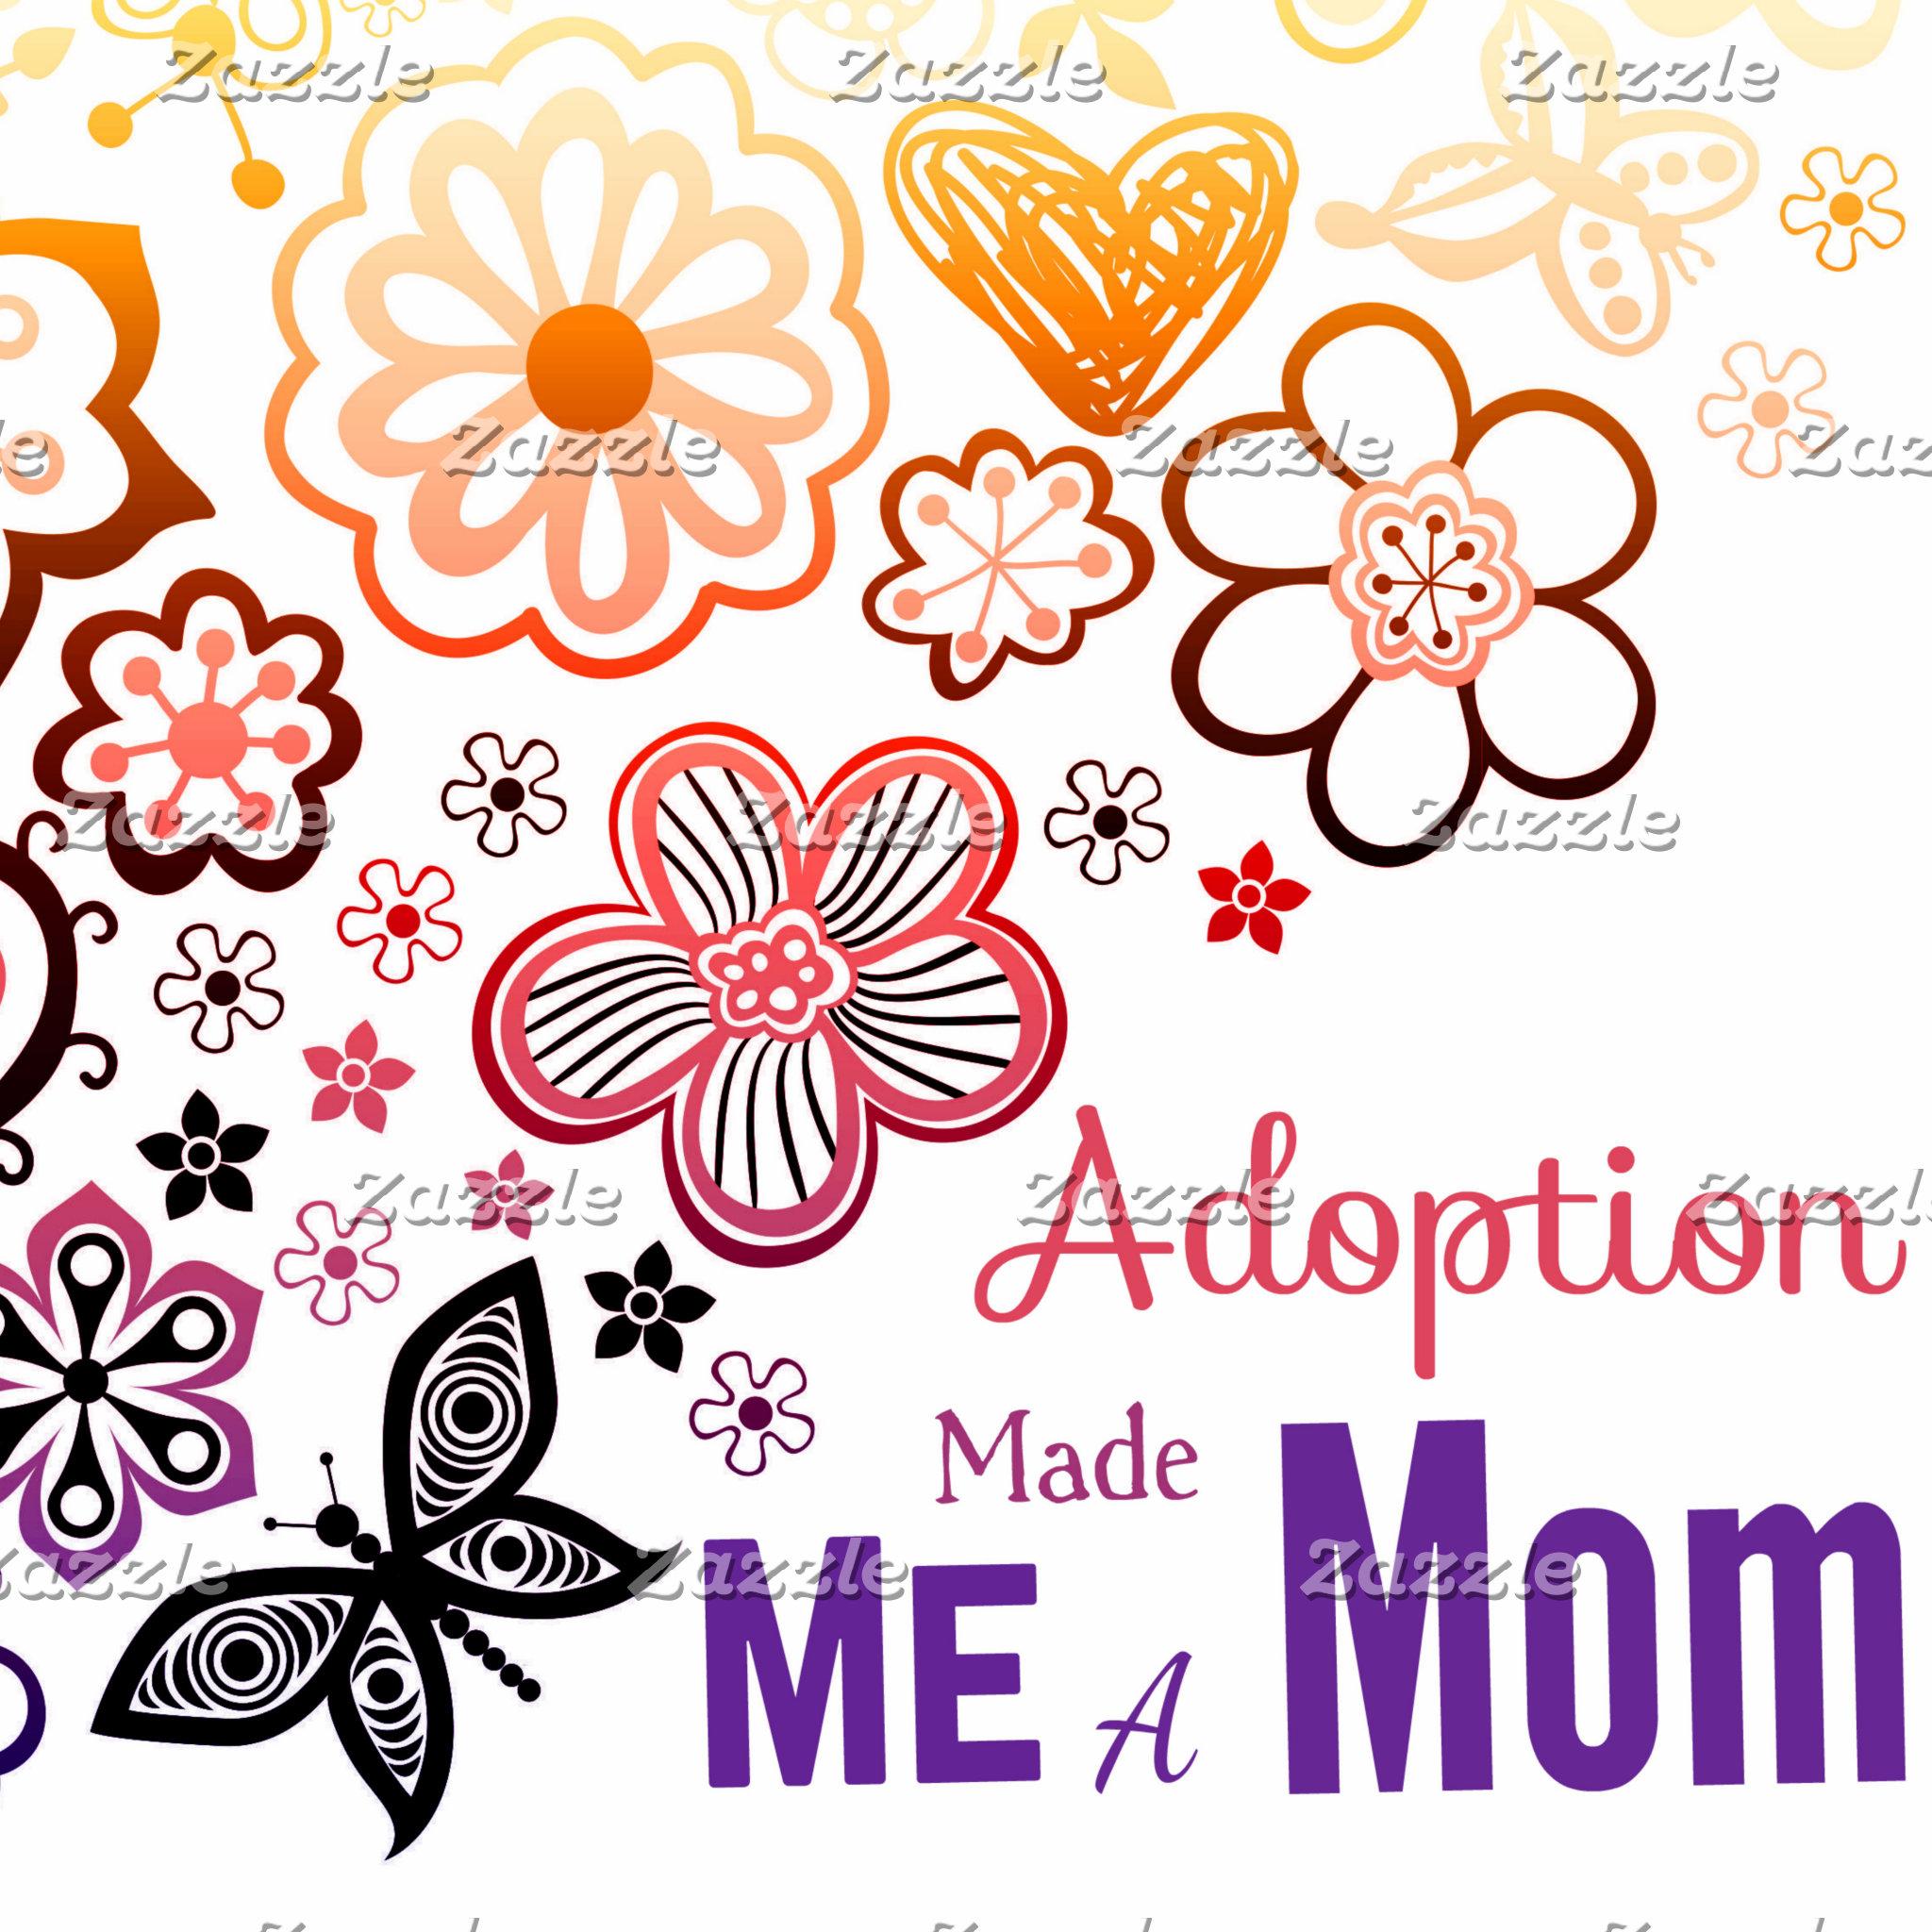 Adoption Made Us a Family